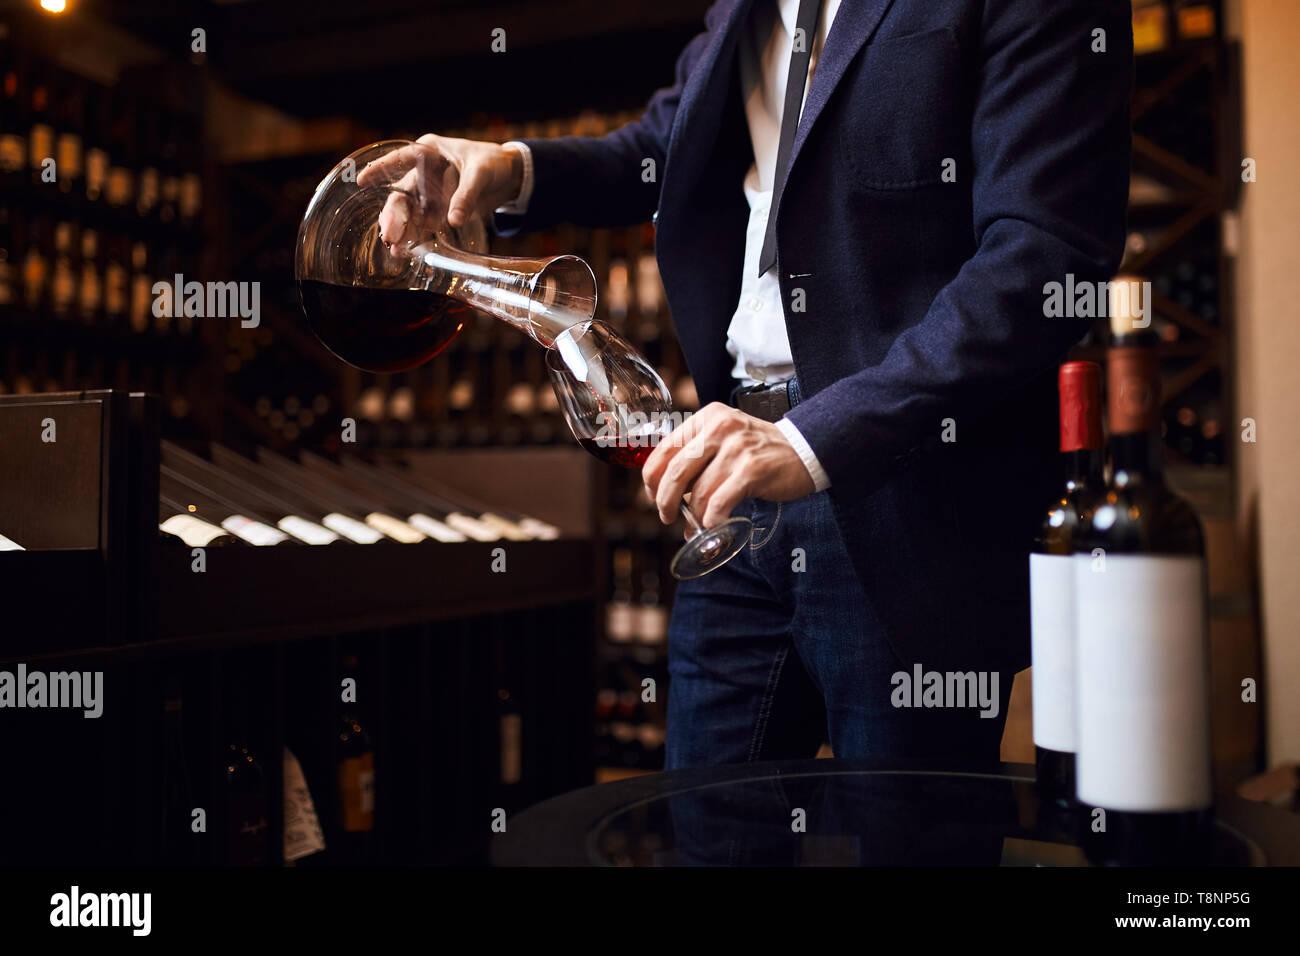 Giovane uomo la miscelazione di vini. creazione del vino indimenticabile. concetto d'arte. close up foto ritagliata Foto Stock